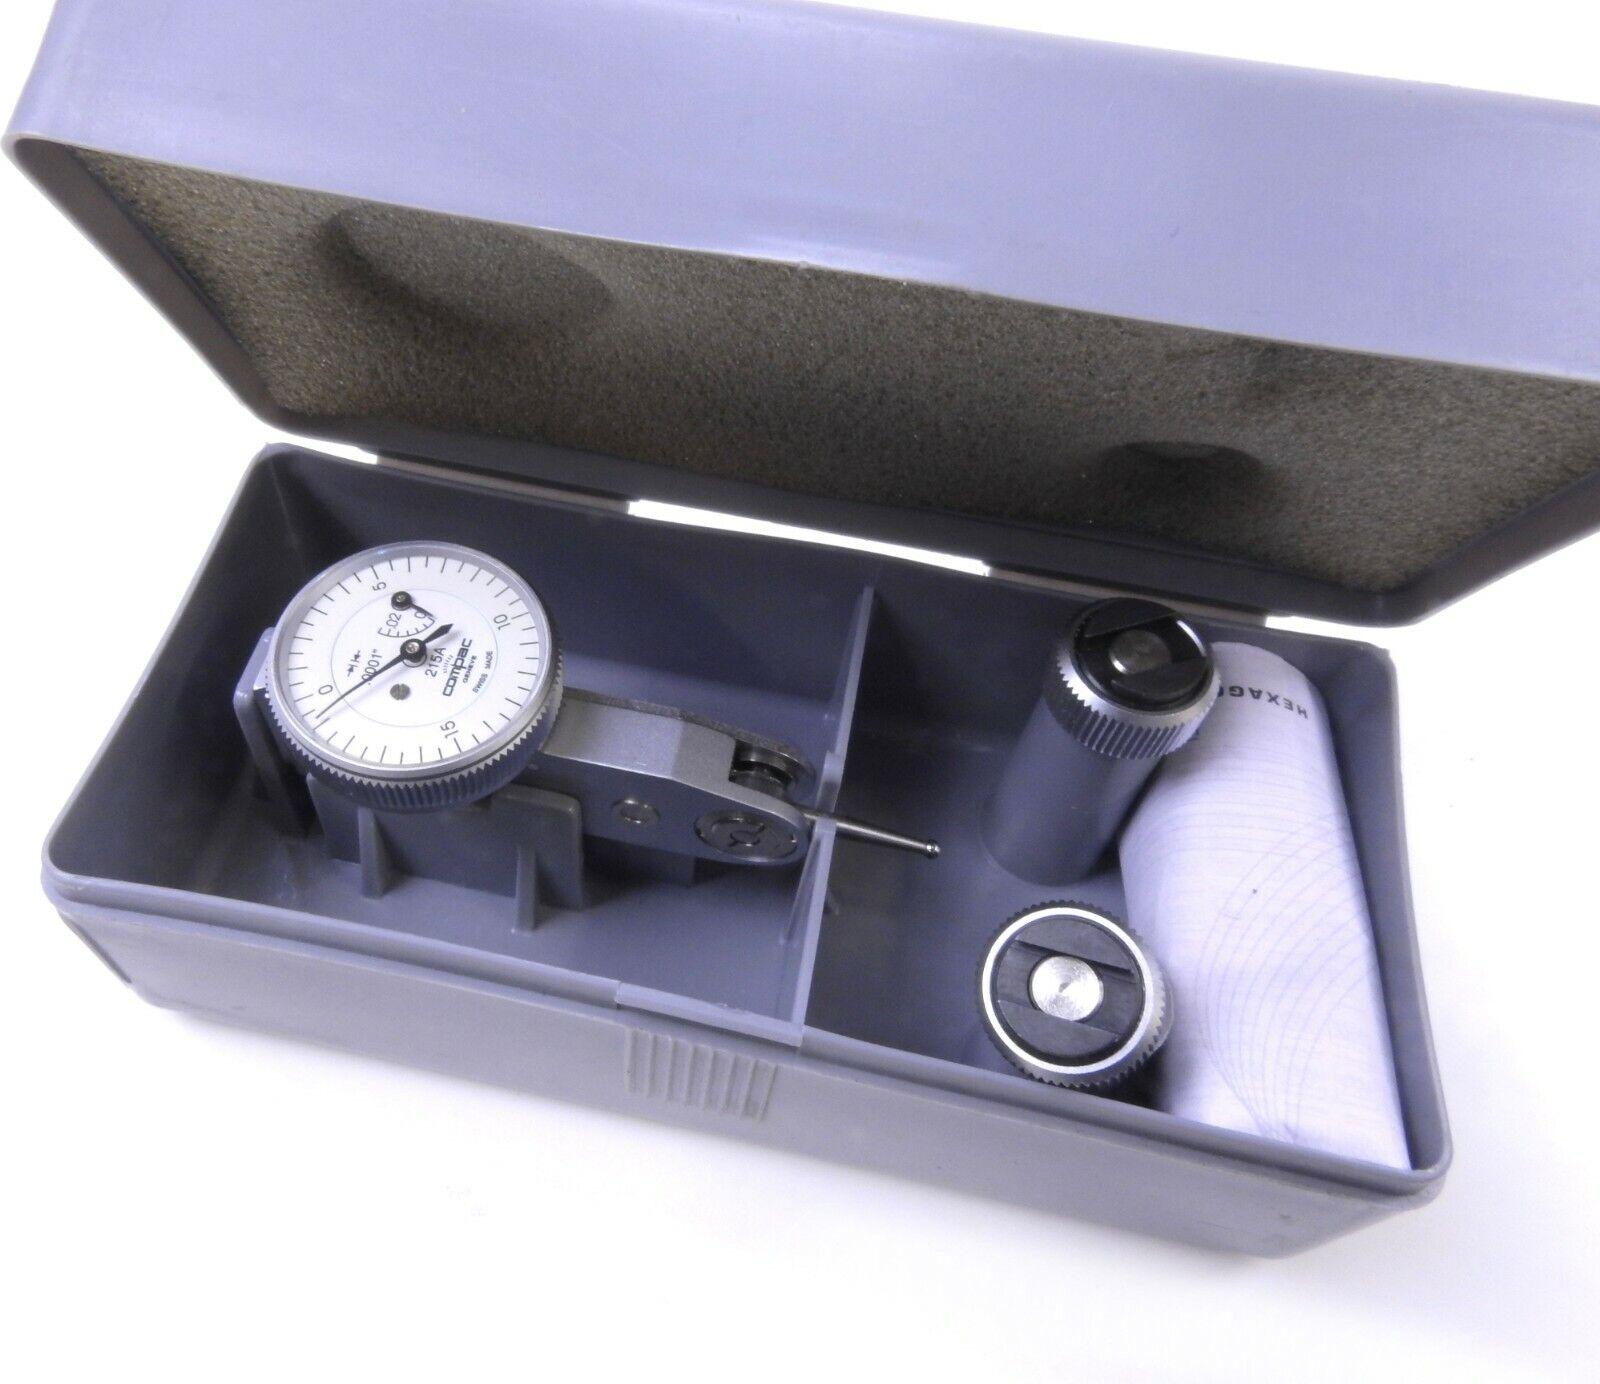 Brown & Sharpe TESA 215A Compac Dial Test Indicator